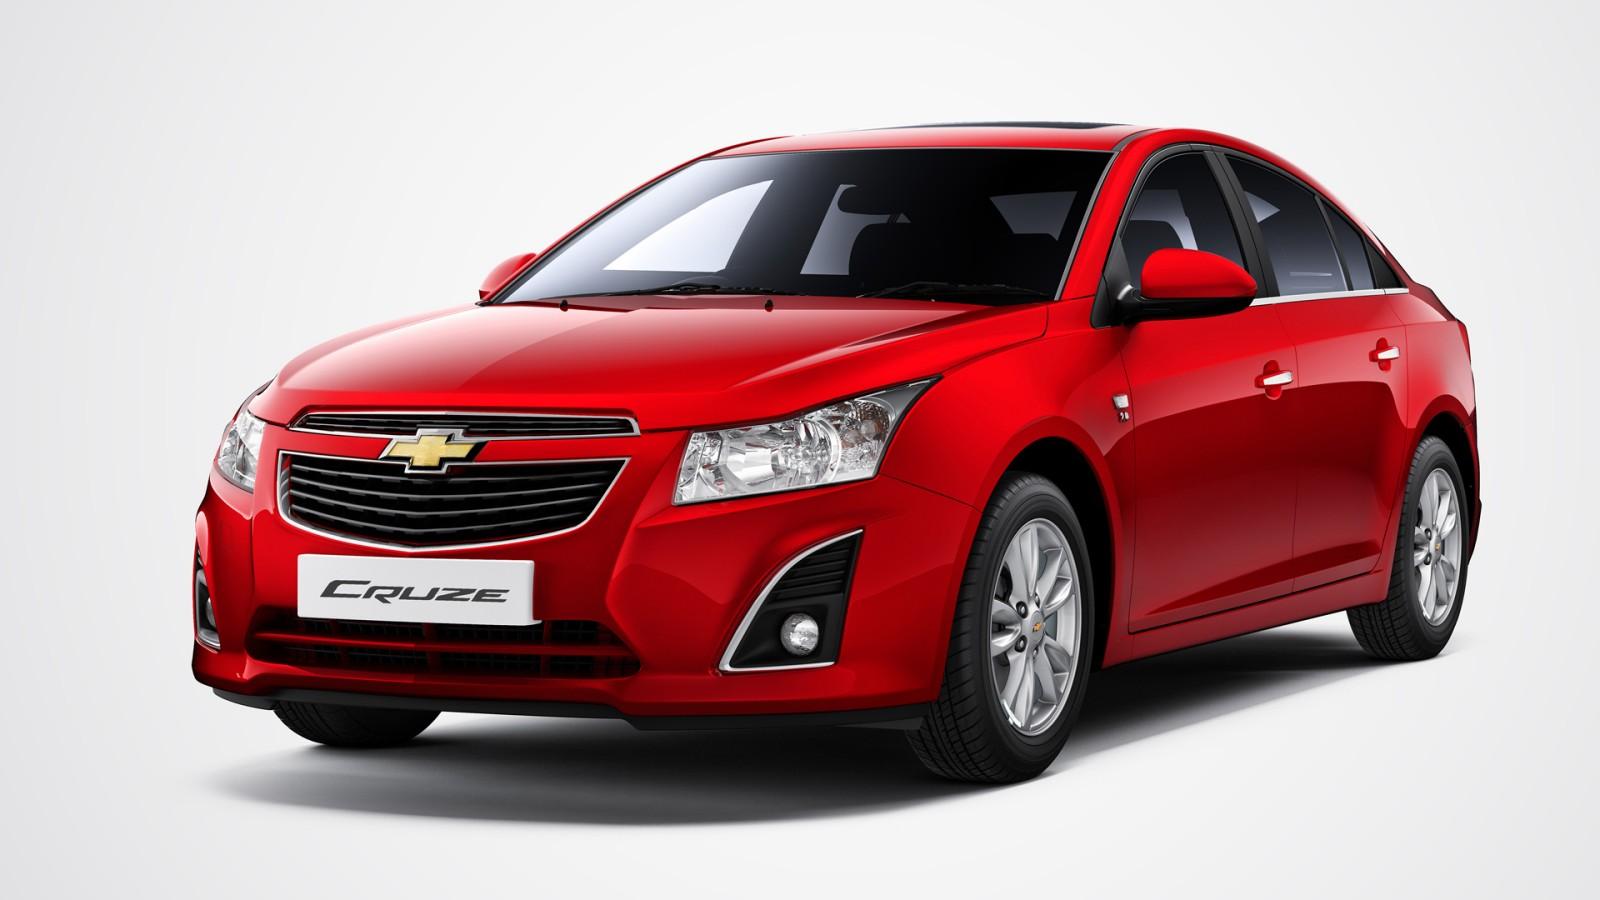 2013-Chevrolet-Cruze-Facelift-Pics (1)